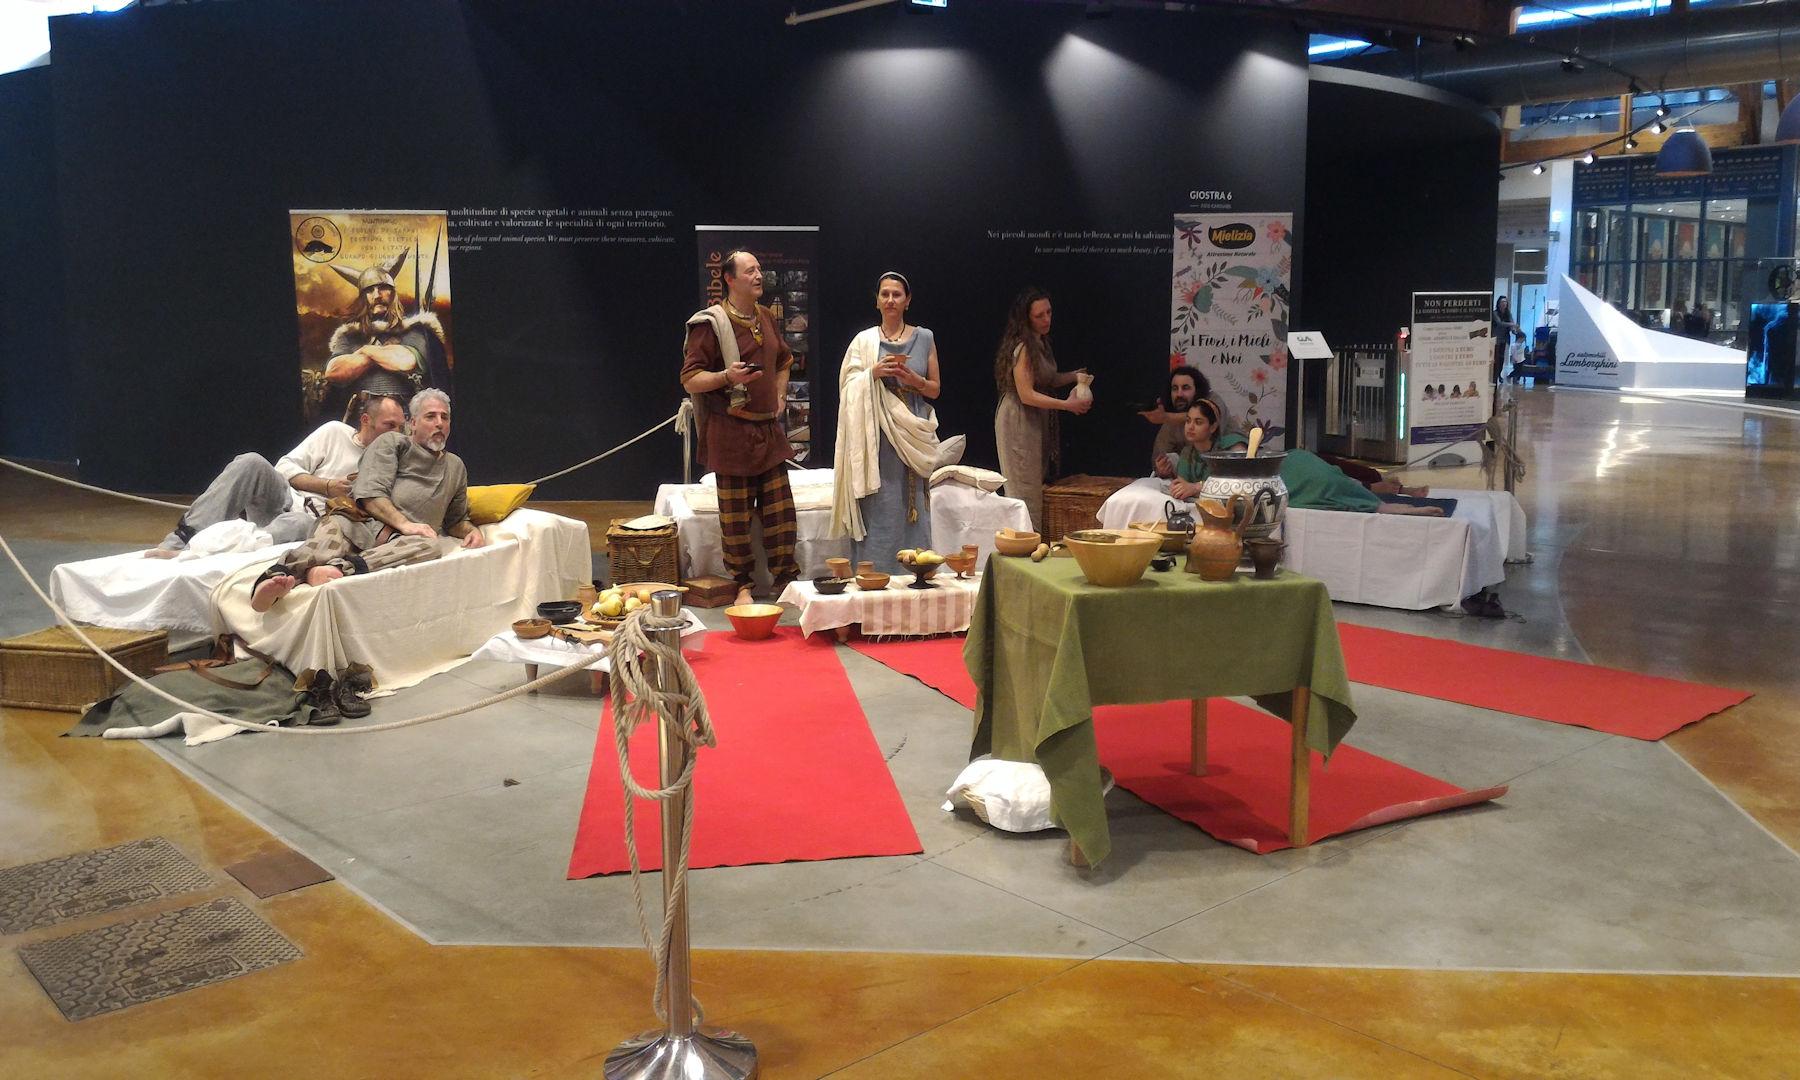 Fico Eataly World: in tavola il cibo dei Celti e degli Etruschi